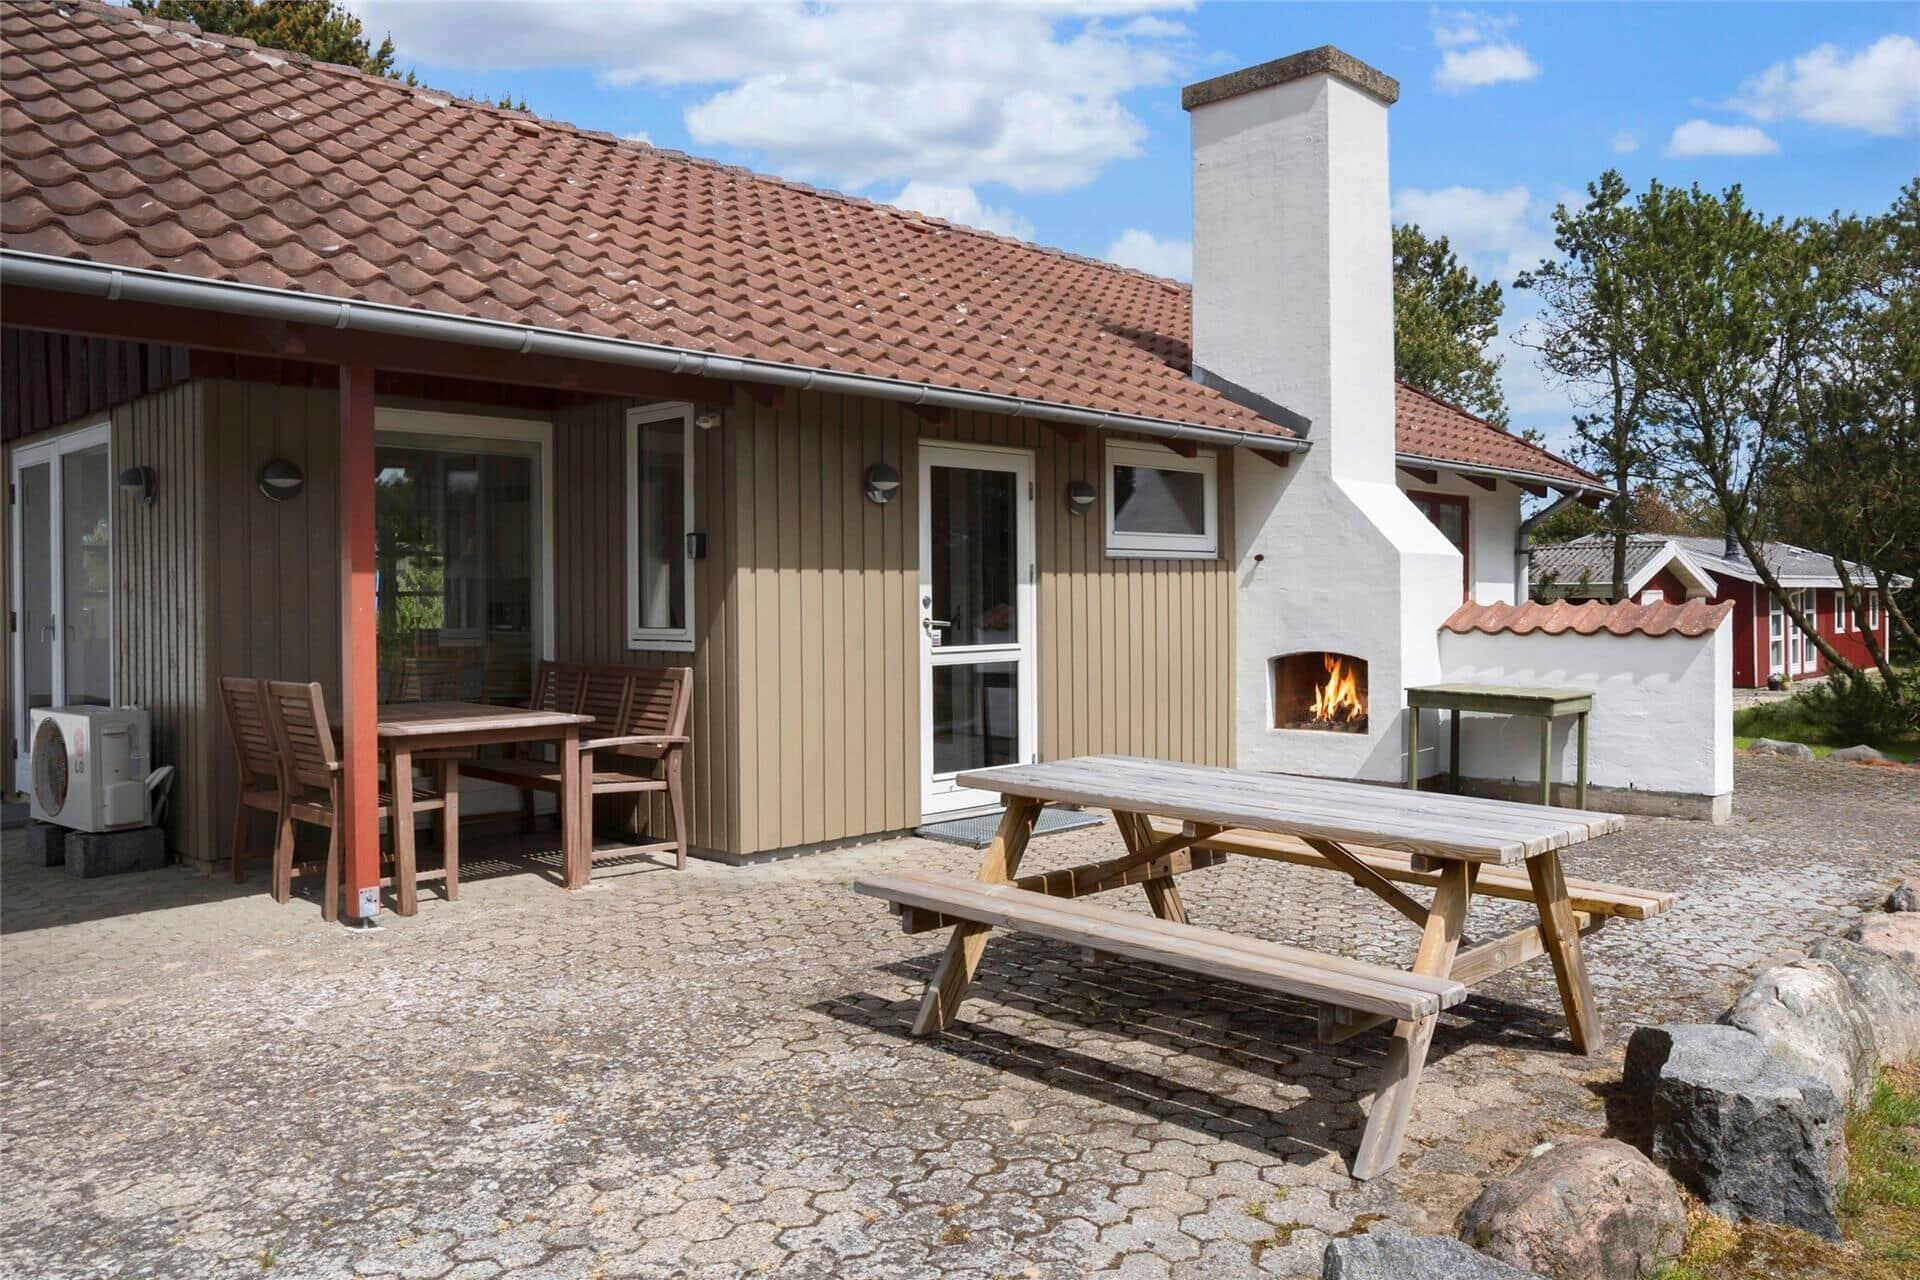 Billede 1-401 Sommerhus HA112, Boelengen 5, DK - 9370 Hals